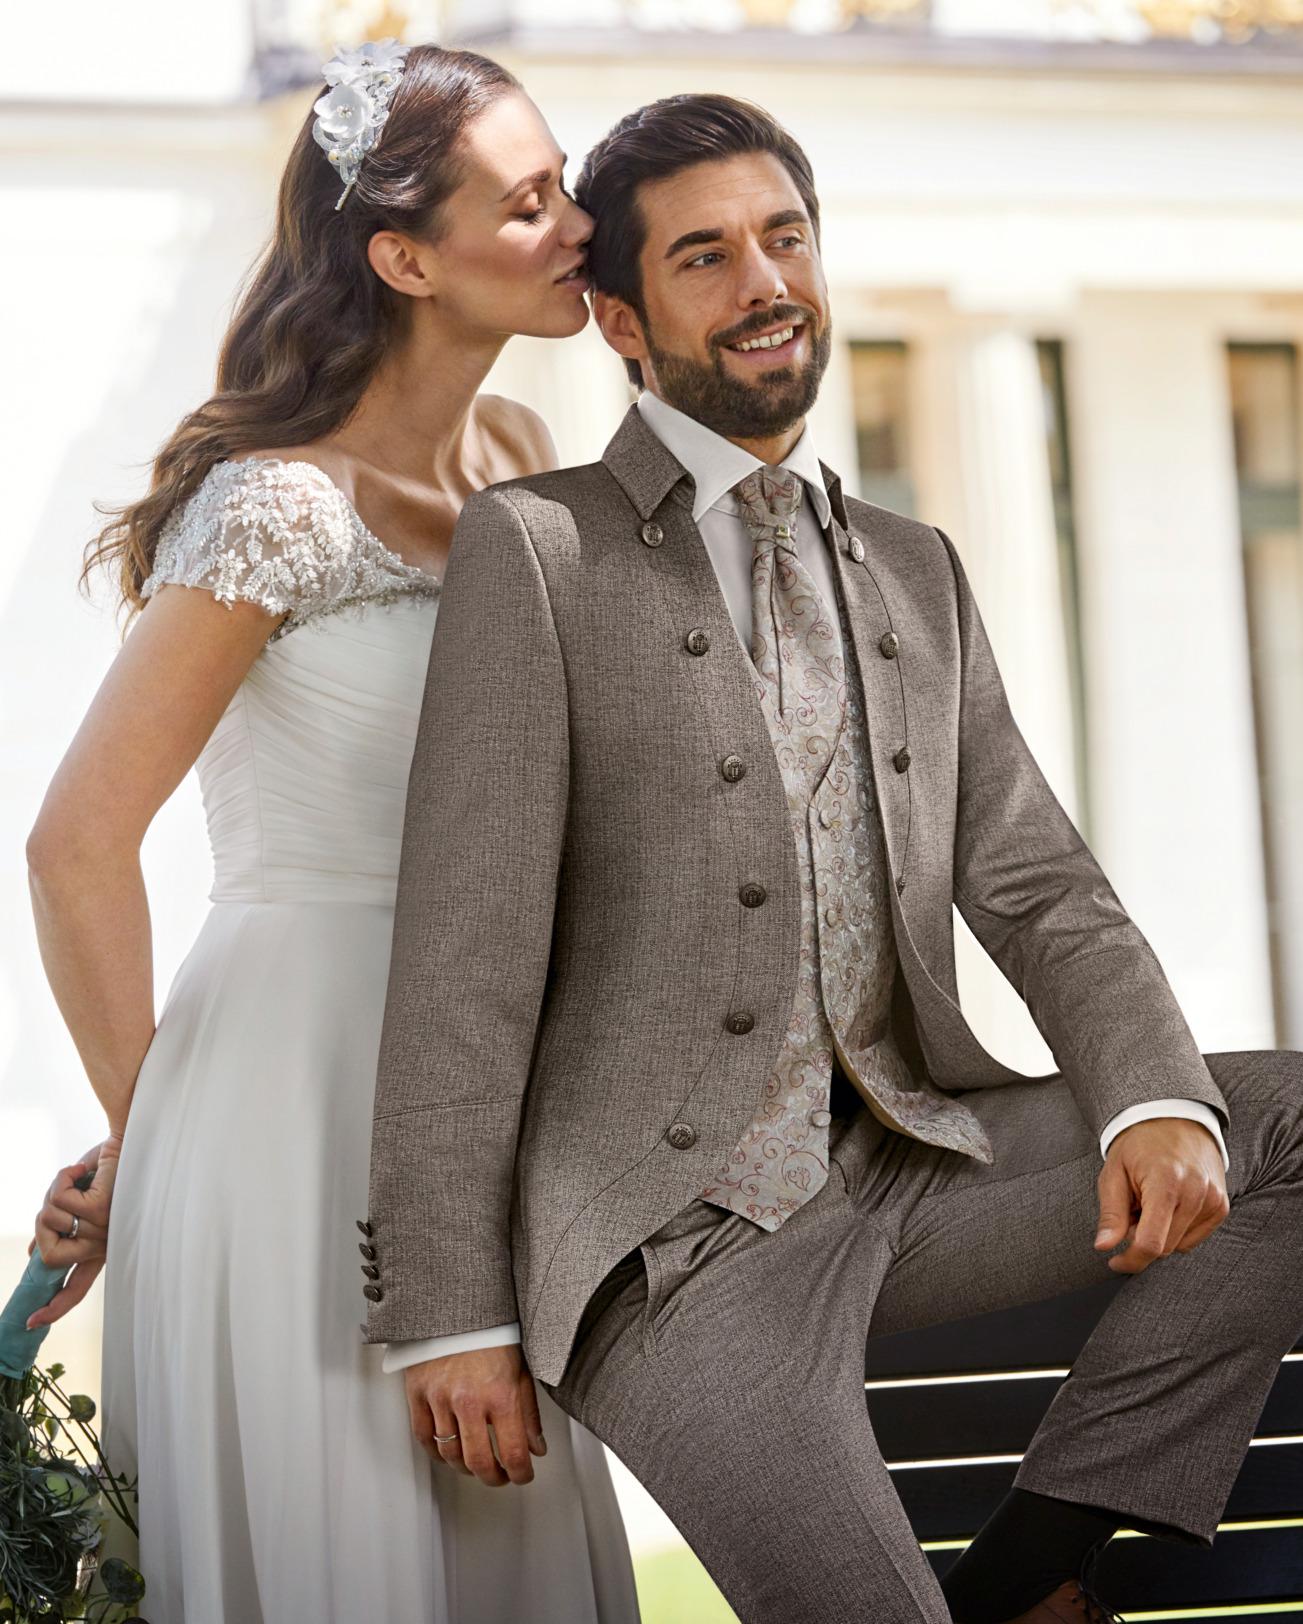 Wilvorst Tziacco Hochzeitsanzug Männer Mode Bräutigam extravagant sand naturfarben hellbraun wil_0121_kam_tz-Look5_1